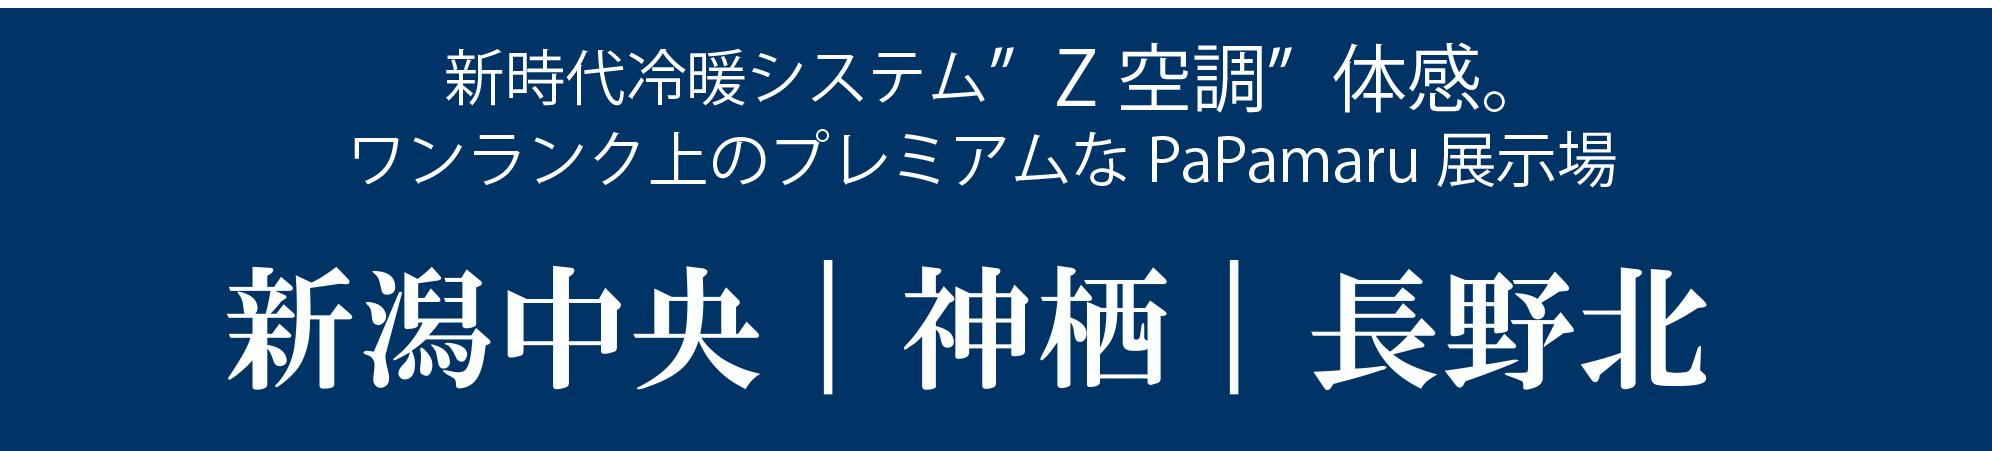 パパマルLP新潟2